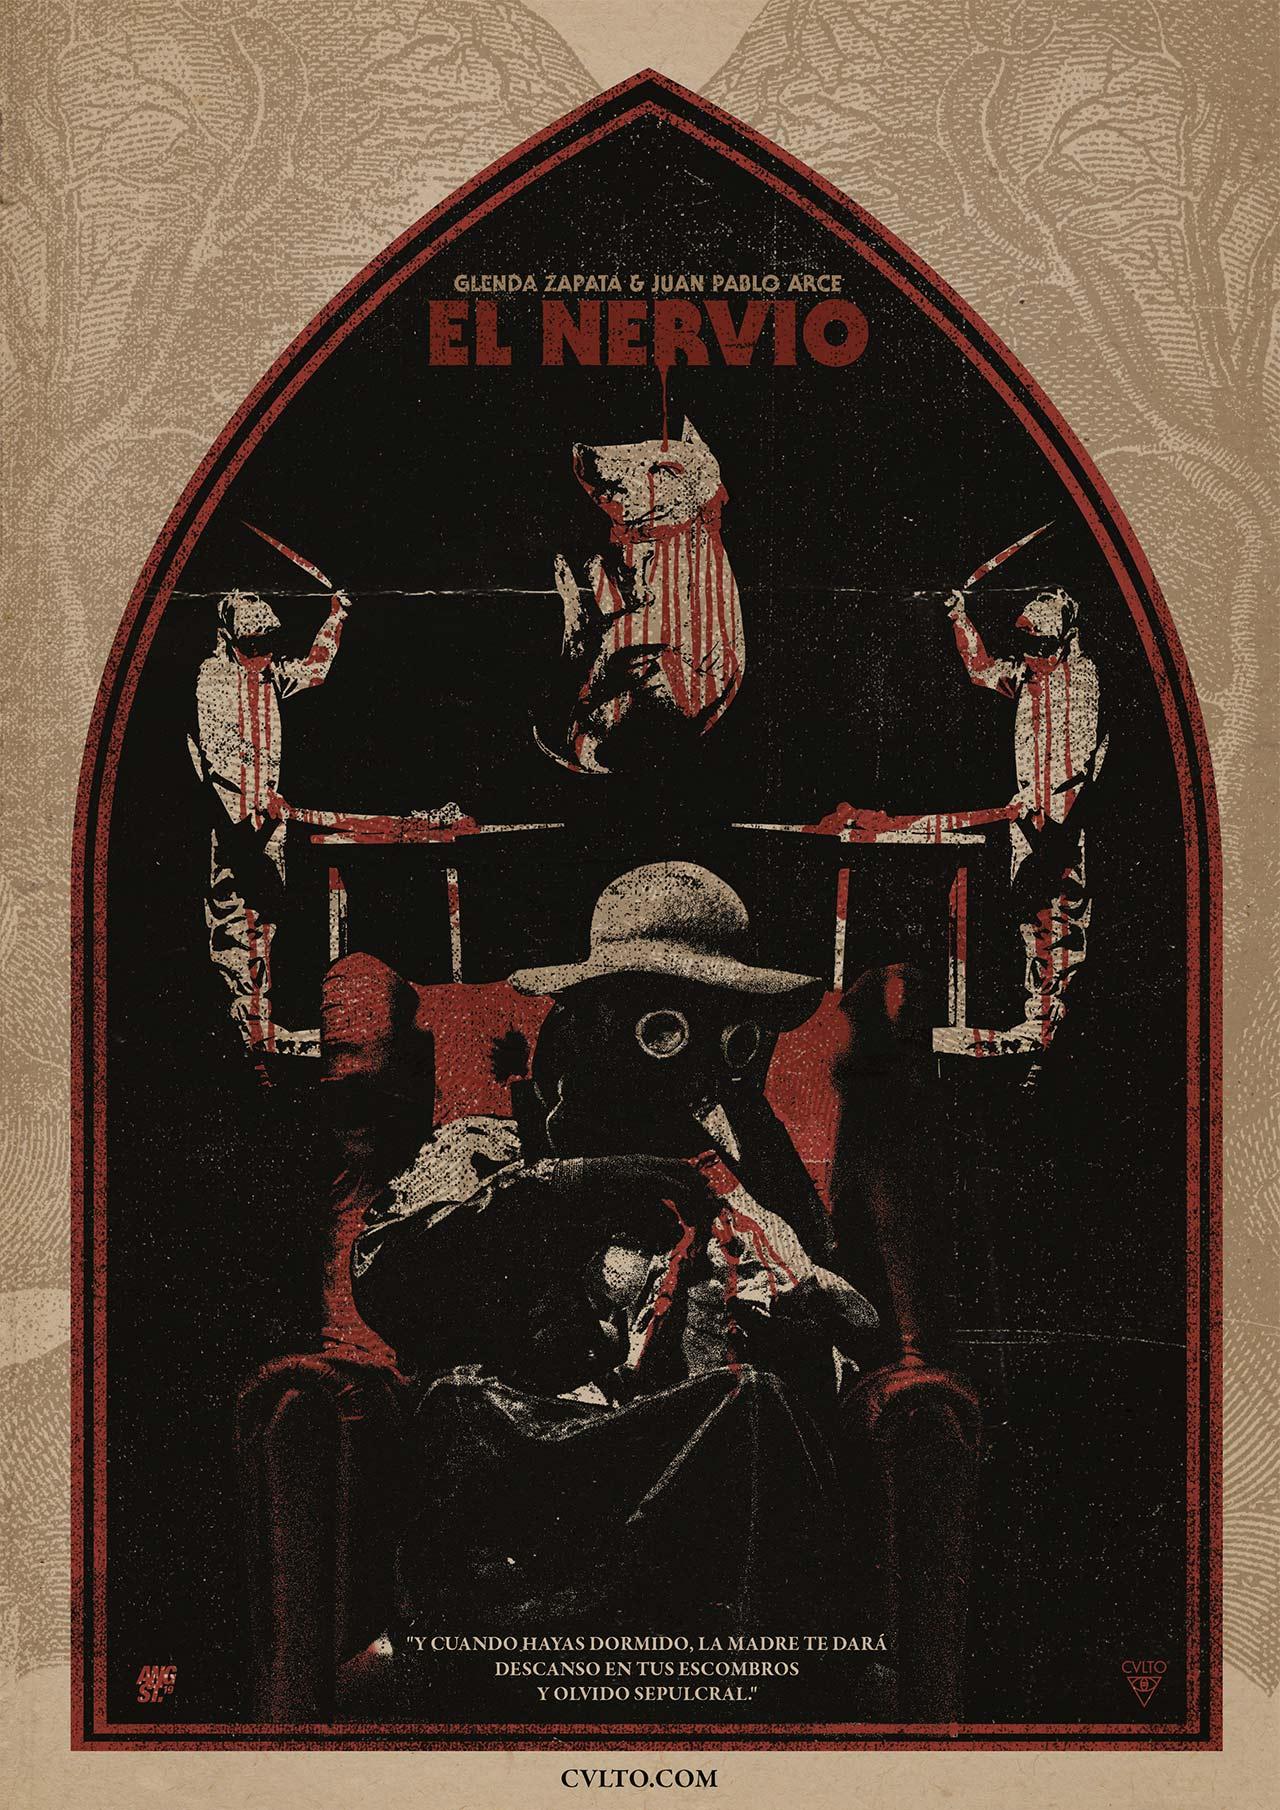 Glenda Zapata Y Juan Pablo Arce / El Nervio